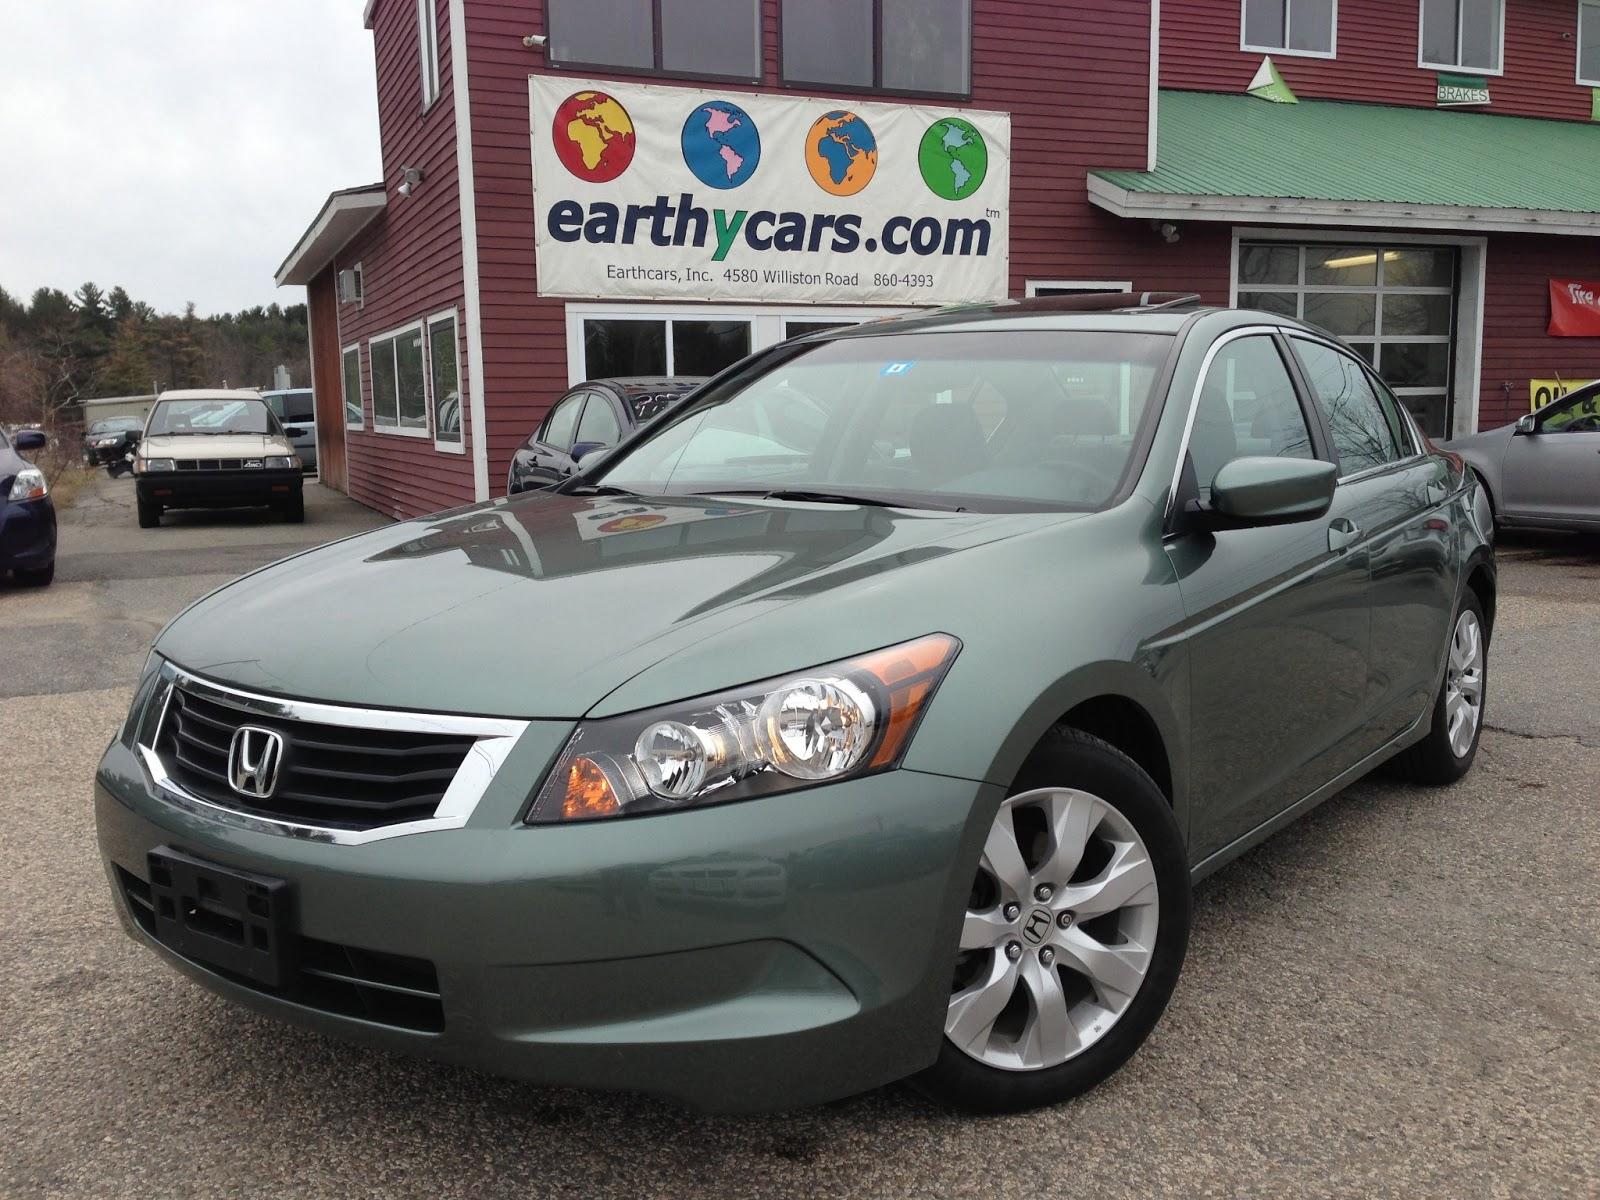 2010 Honda Accord 2.4 EX L, Green, Sedan, 21990 Mi, $18,995  Http://bit.ly/15bSSVh 5 Spd Automatic, MPG U003d 21/31